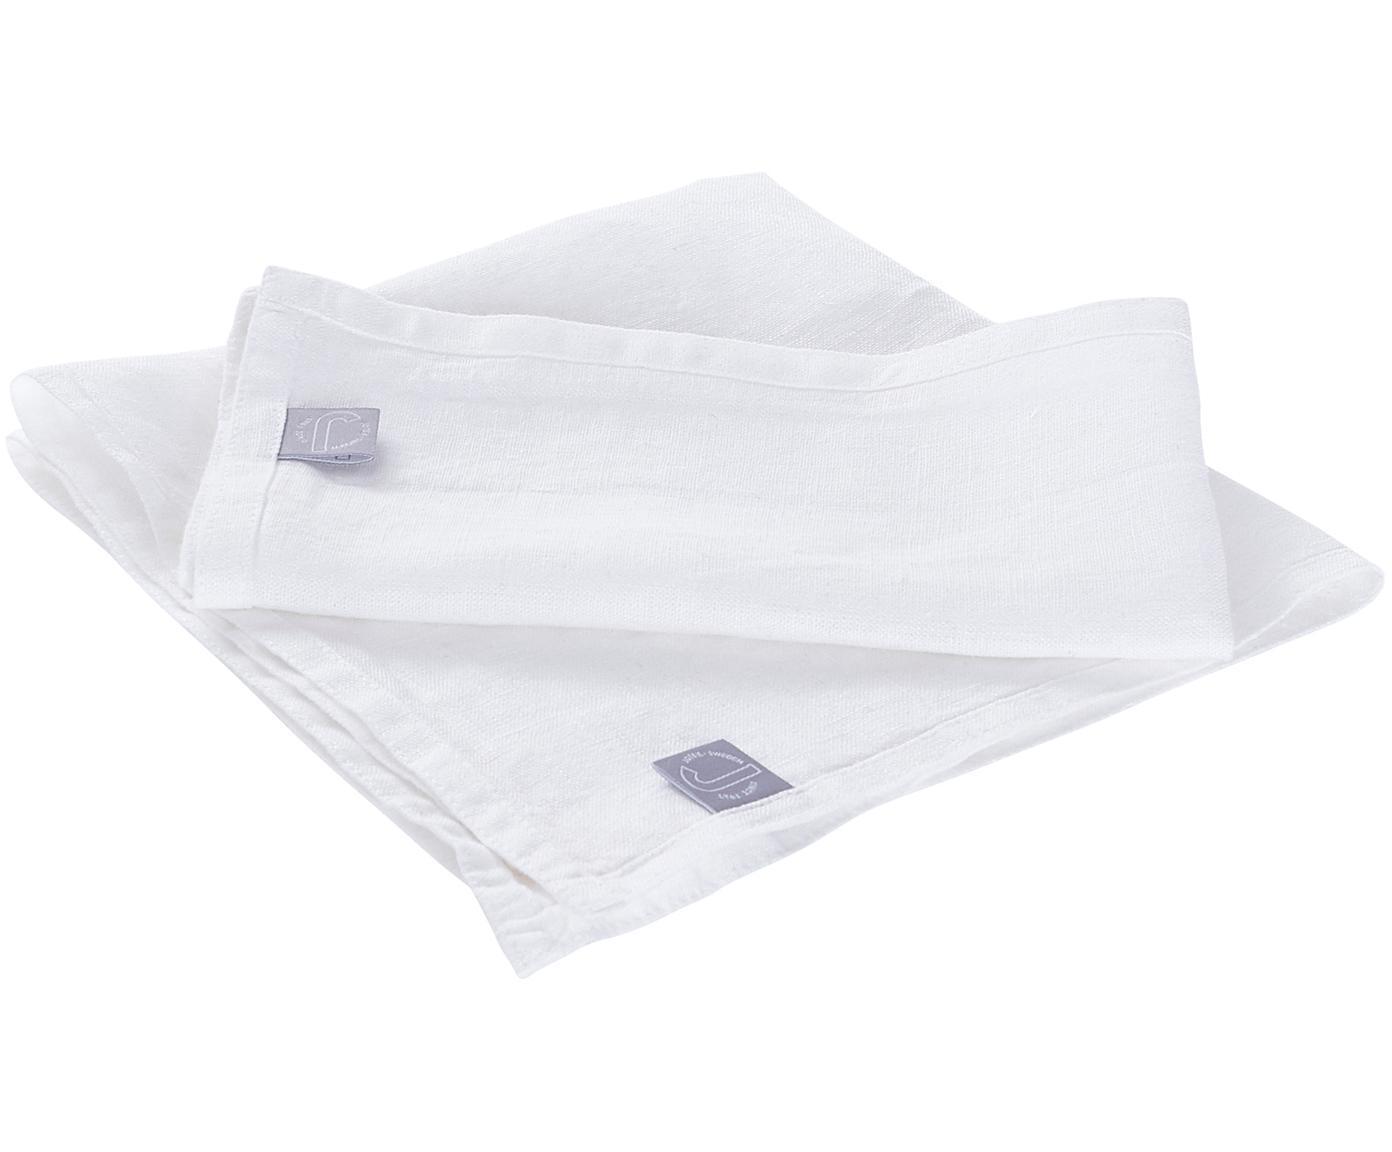 Leinen-Servietten Hedda, 2 Stück, Leinen, Weiß, 42 x 42 cm